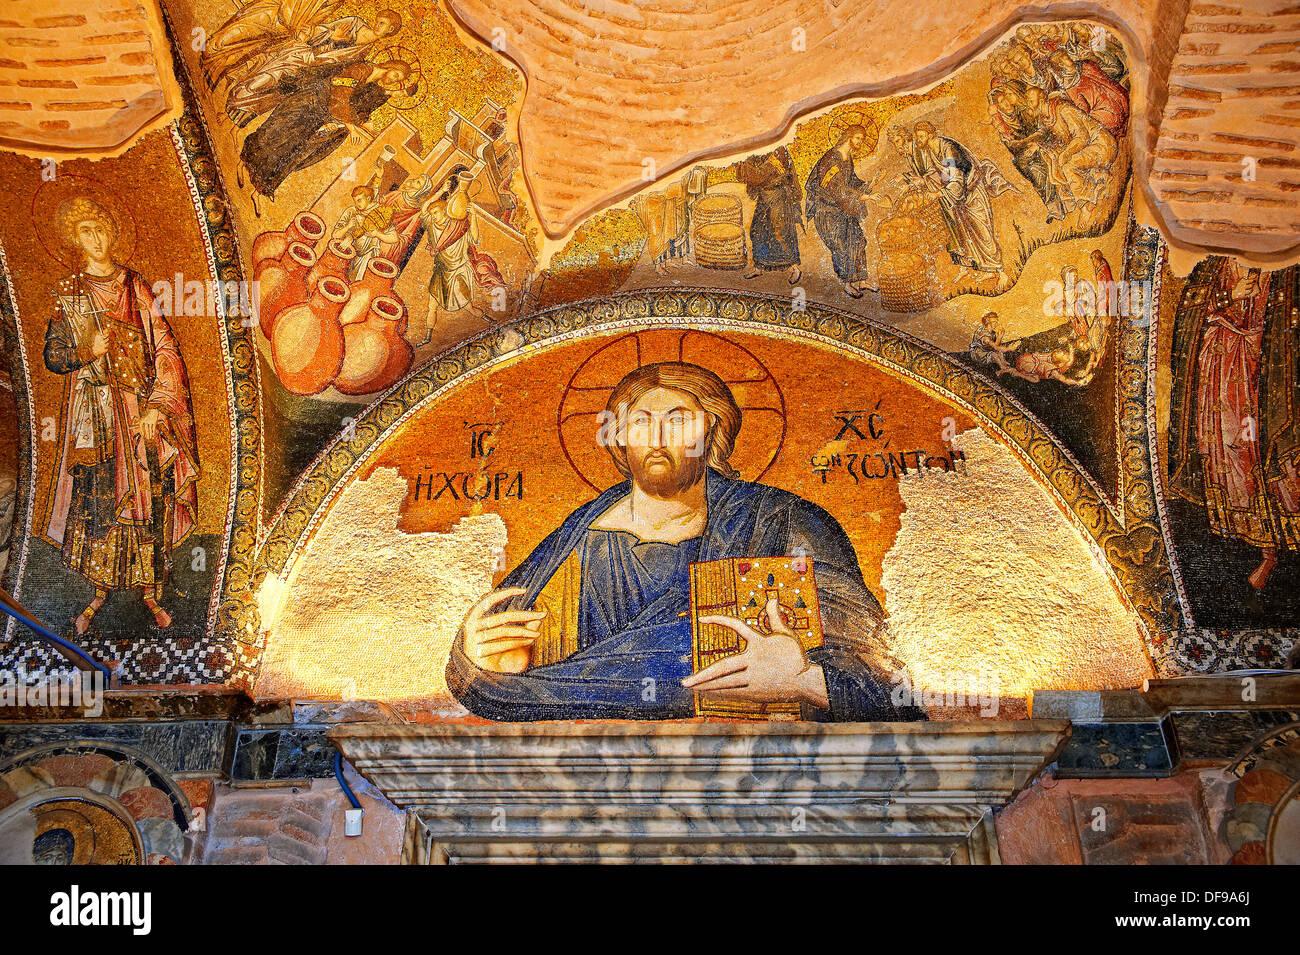 La iglesia bizantina del siglo xi del Santísimo Salvador en Chora , museo Kariye, Estambul, Turquía Imagen De Stock